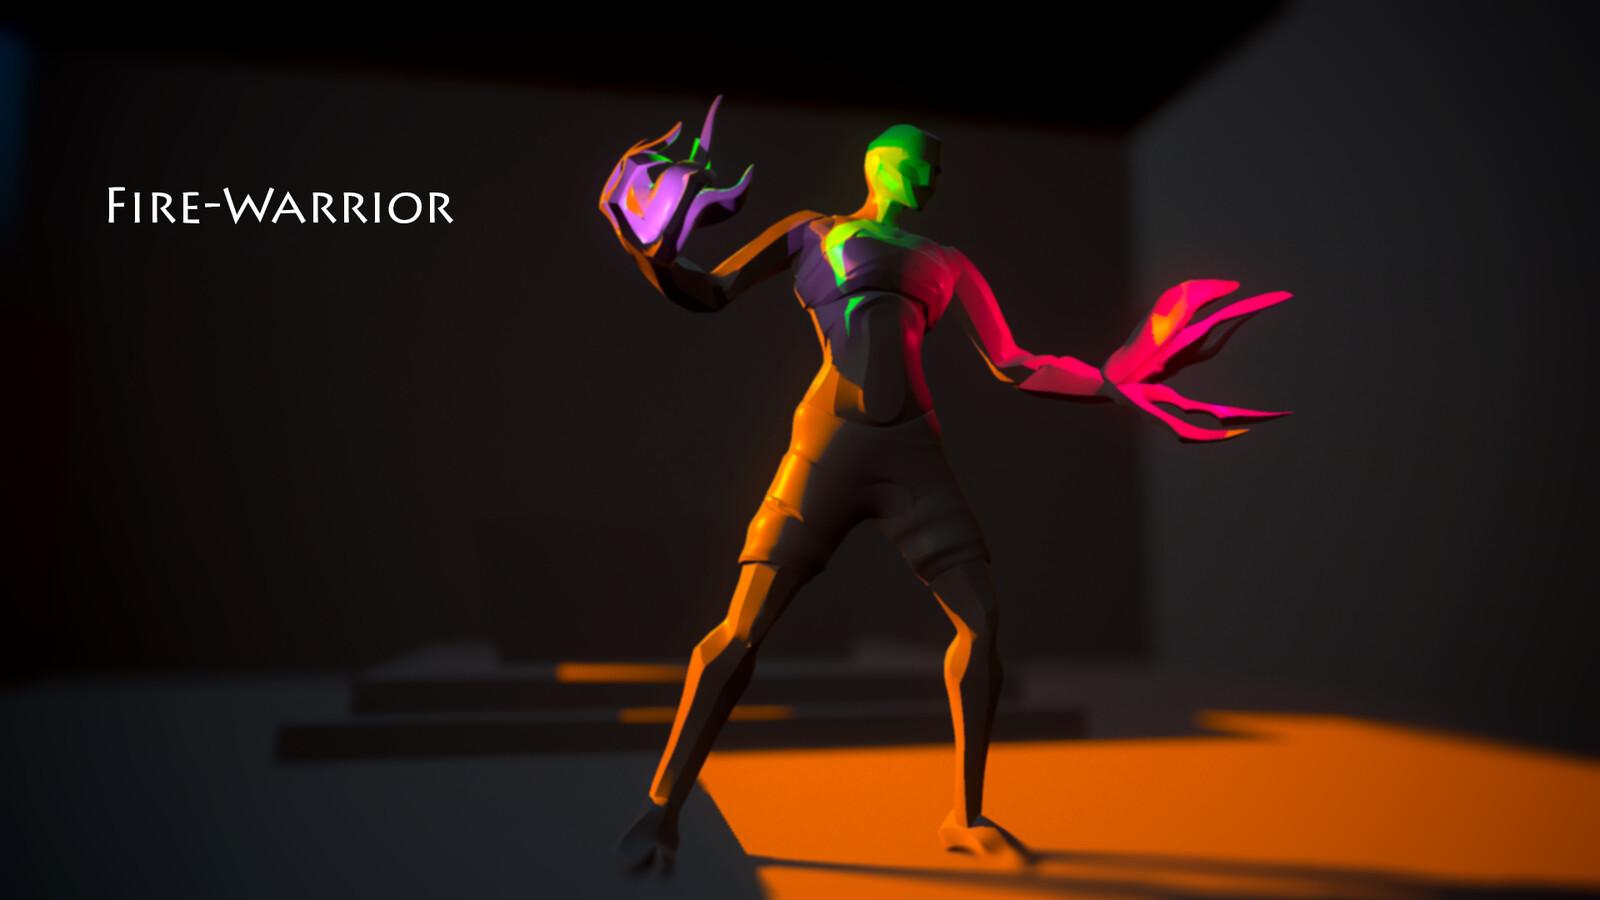 Fire-Warrior Final Render